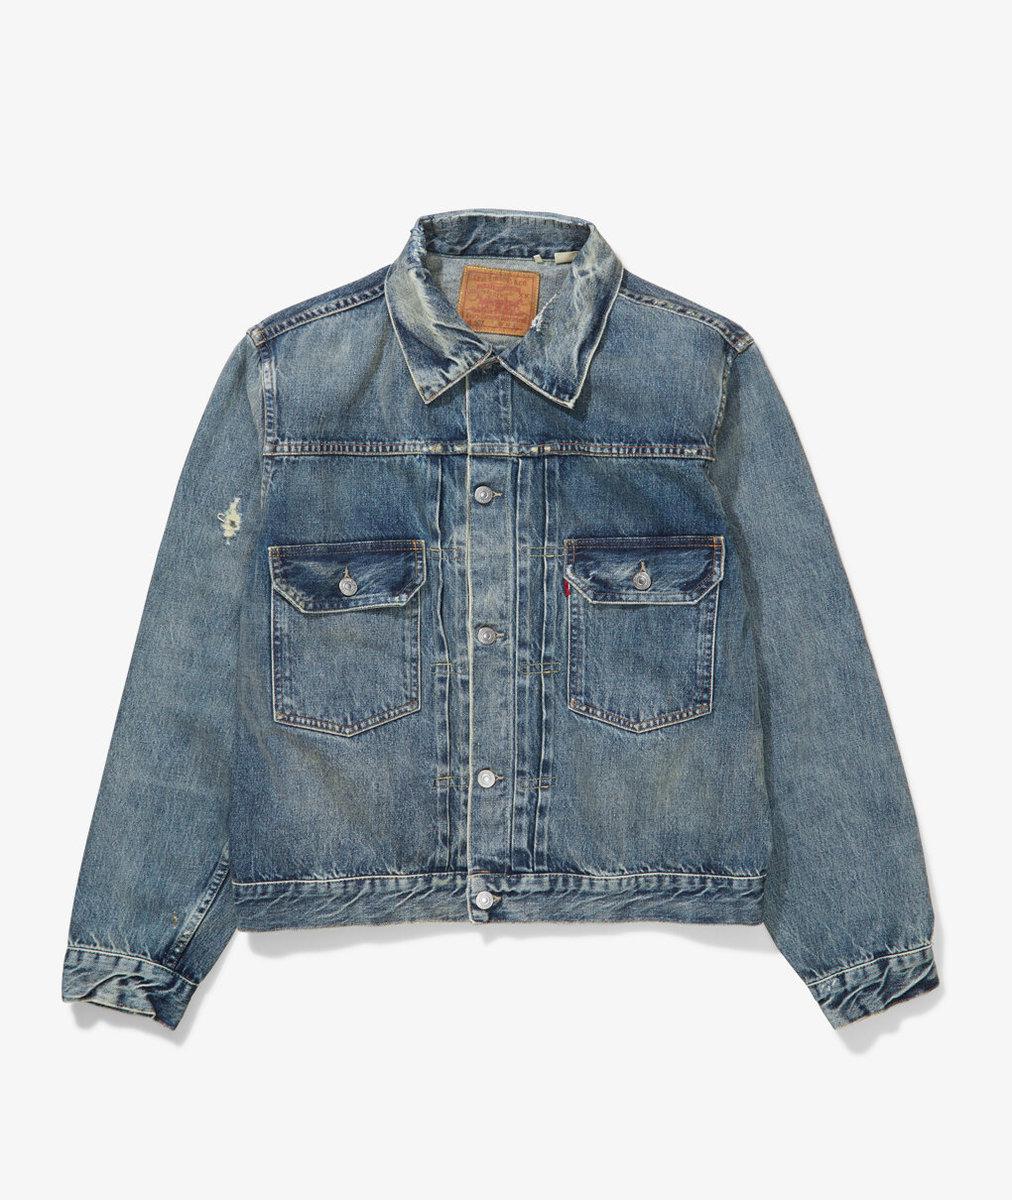 levis-vintage-1953-type-ii-jacket_u.jpg